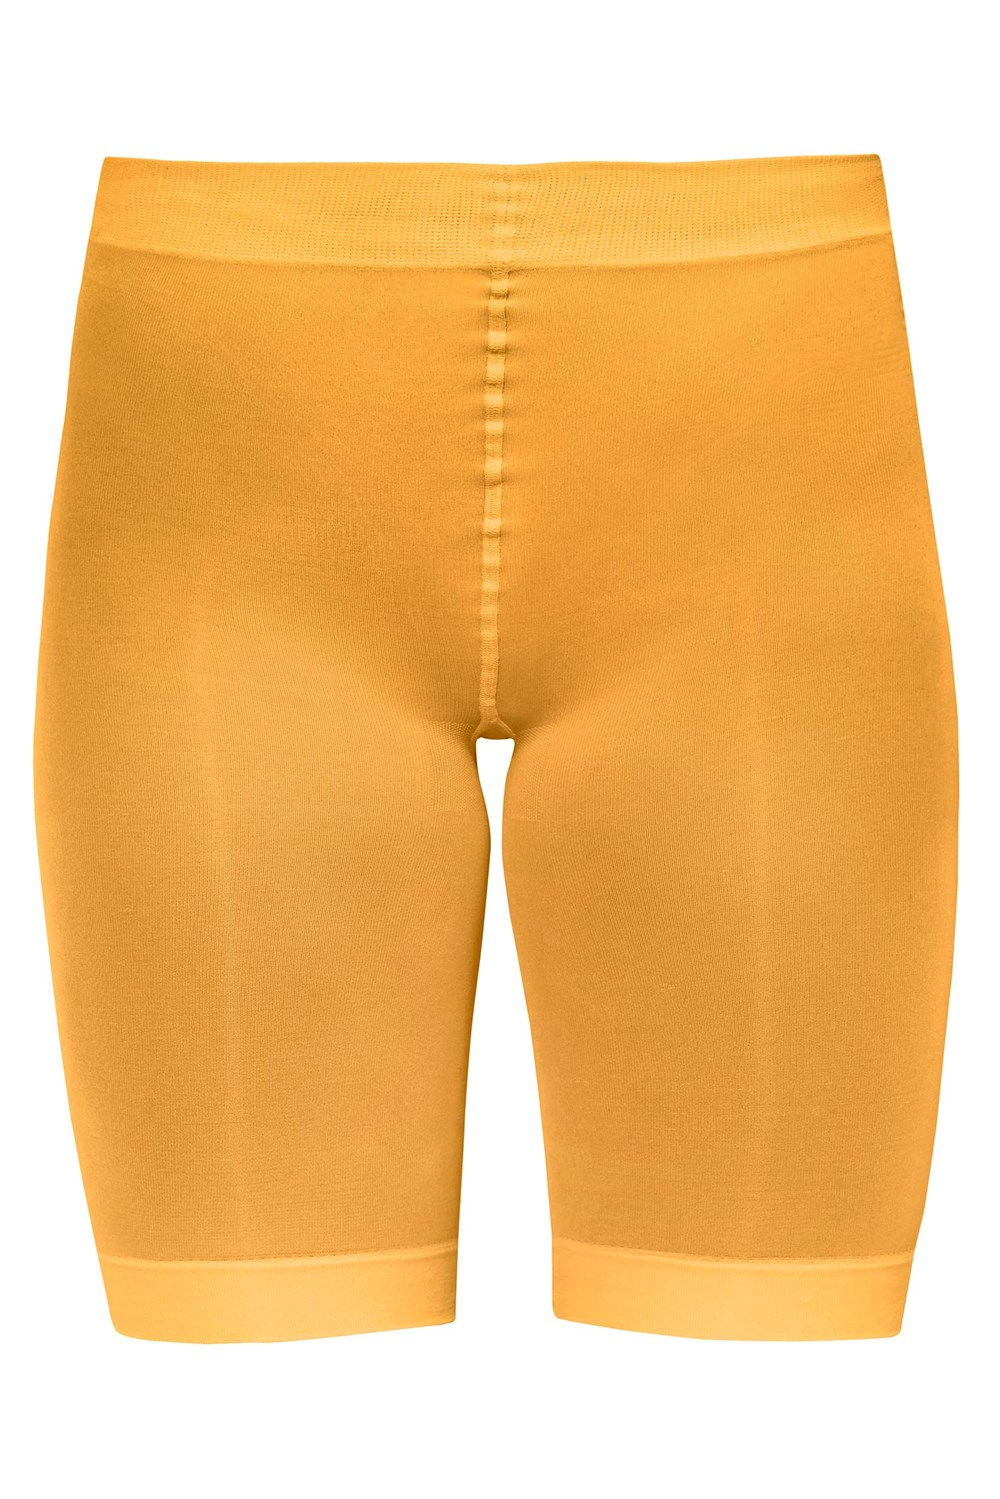 micro shorts wood